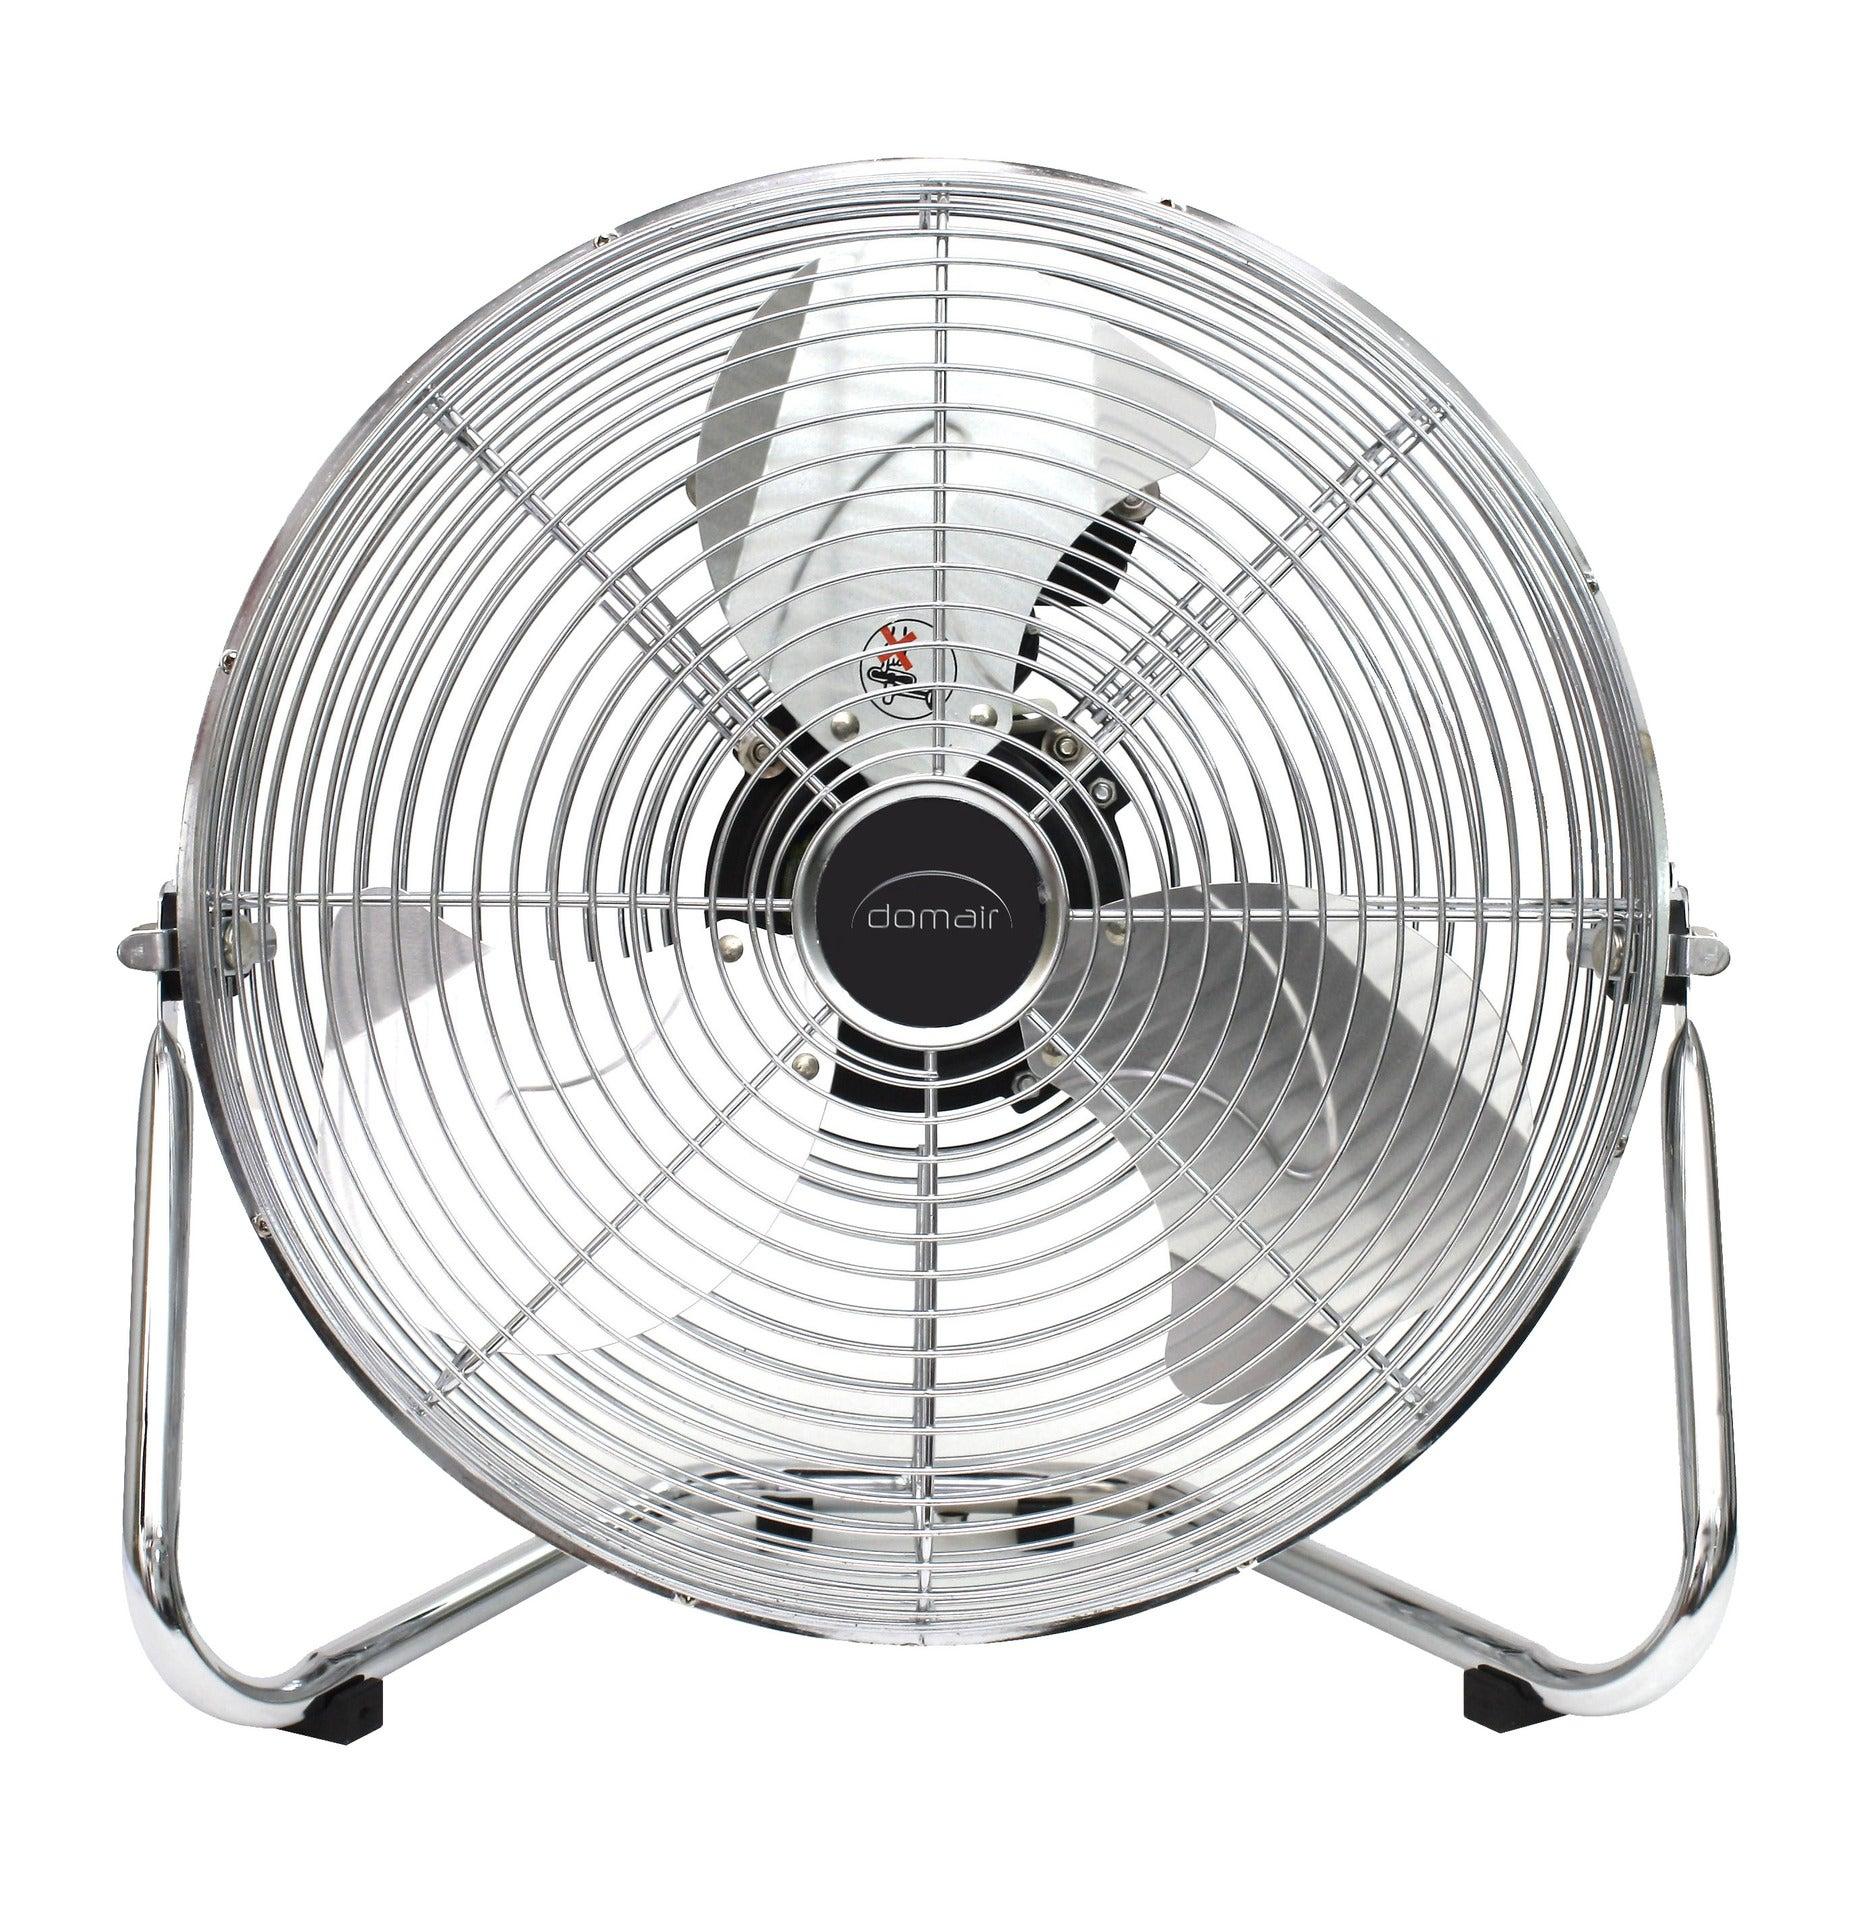 Ventilateur brumisateur sur pied, DOMAIR, Sw40, D 40 cm 80 W